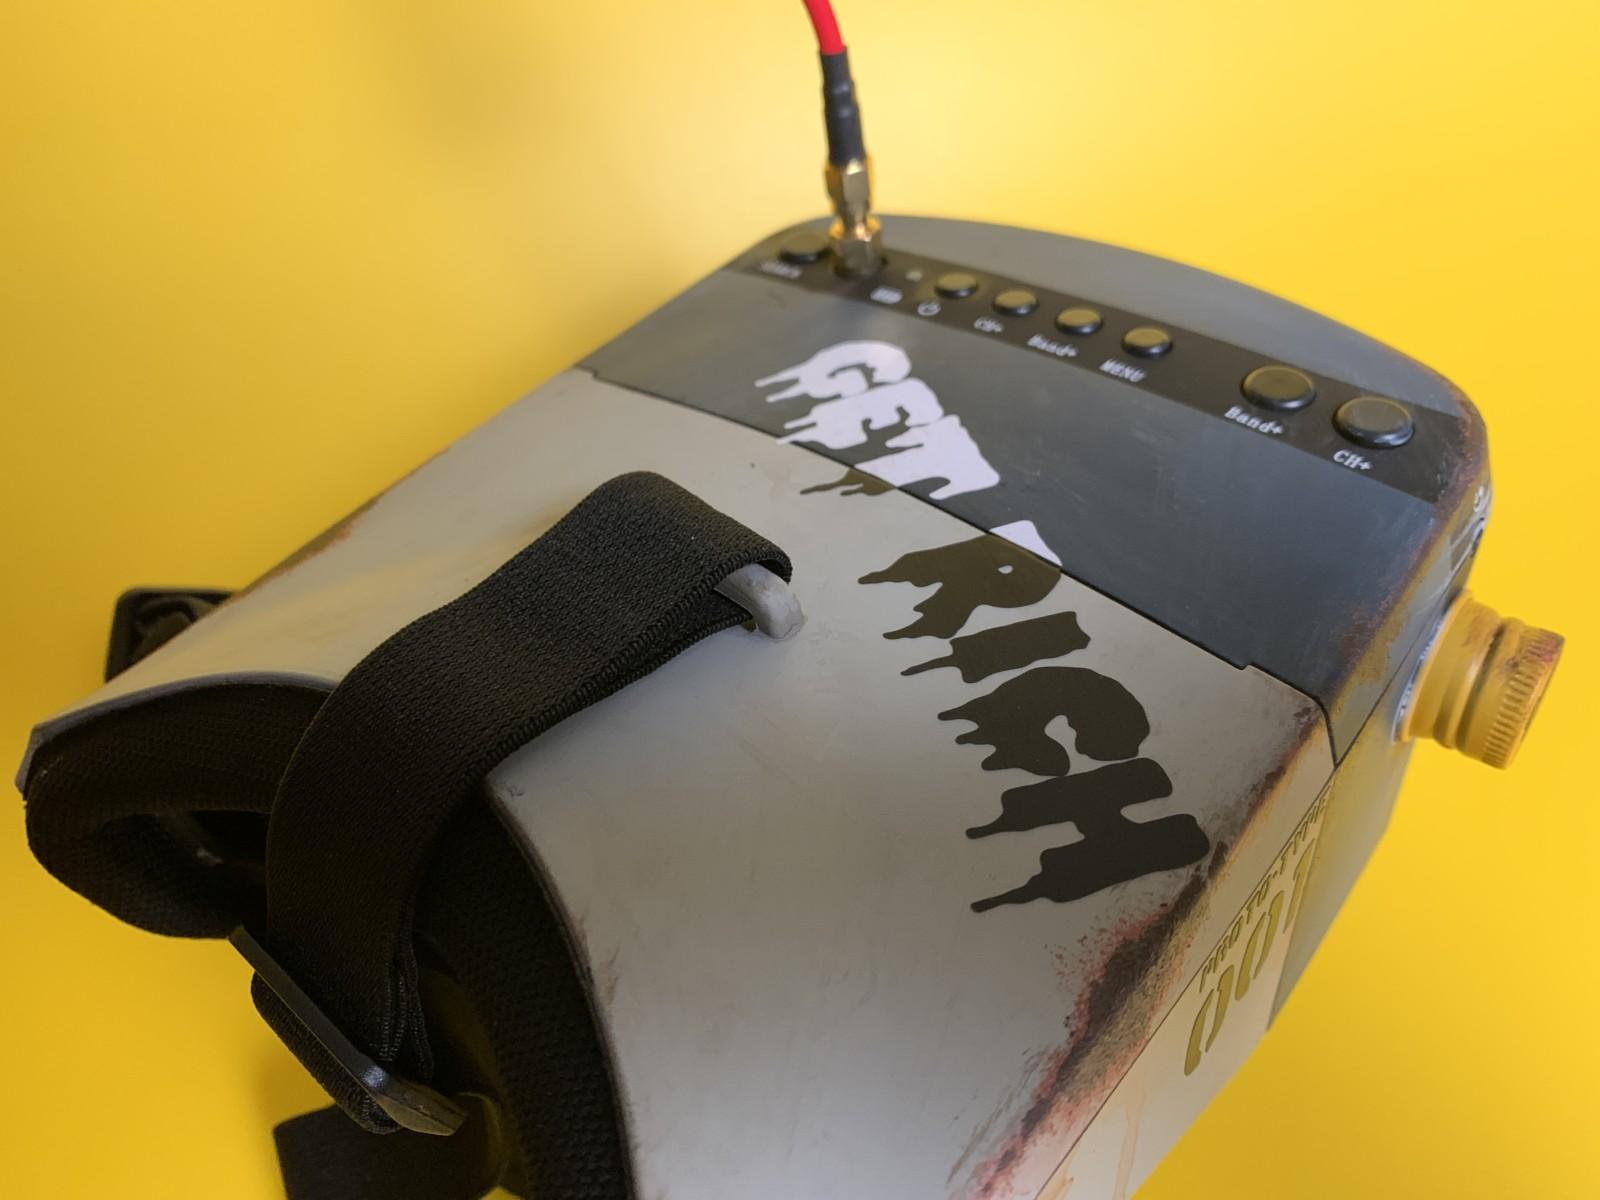 マイクロドローン用FPVゴーグルのカスタム塗装